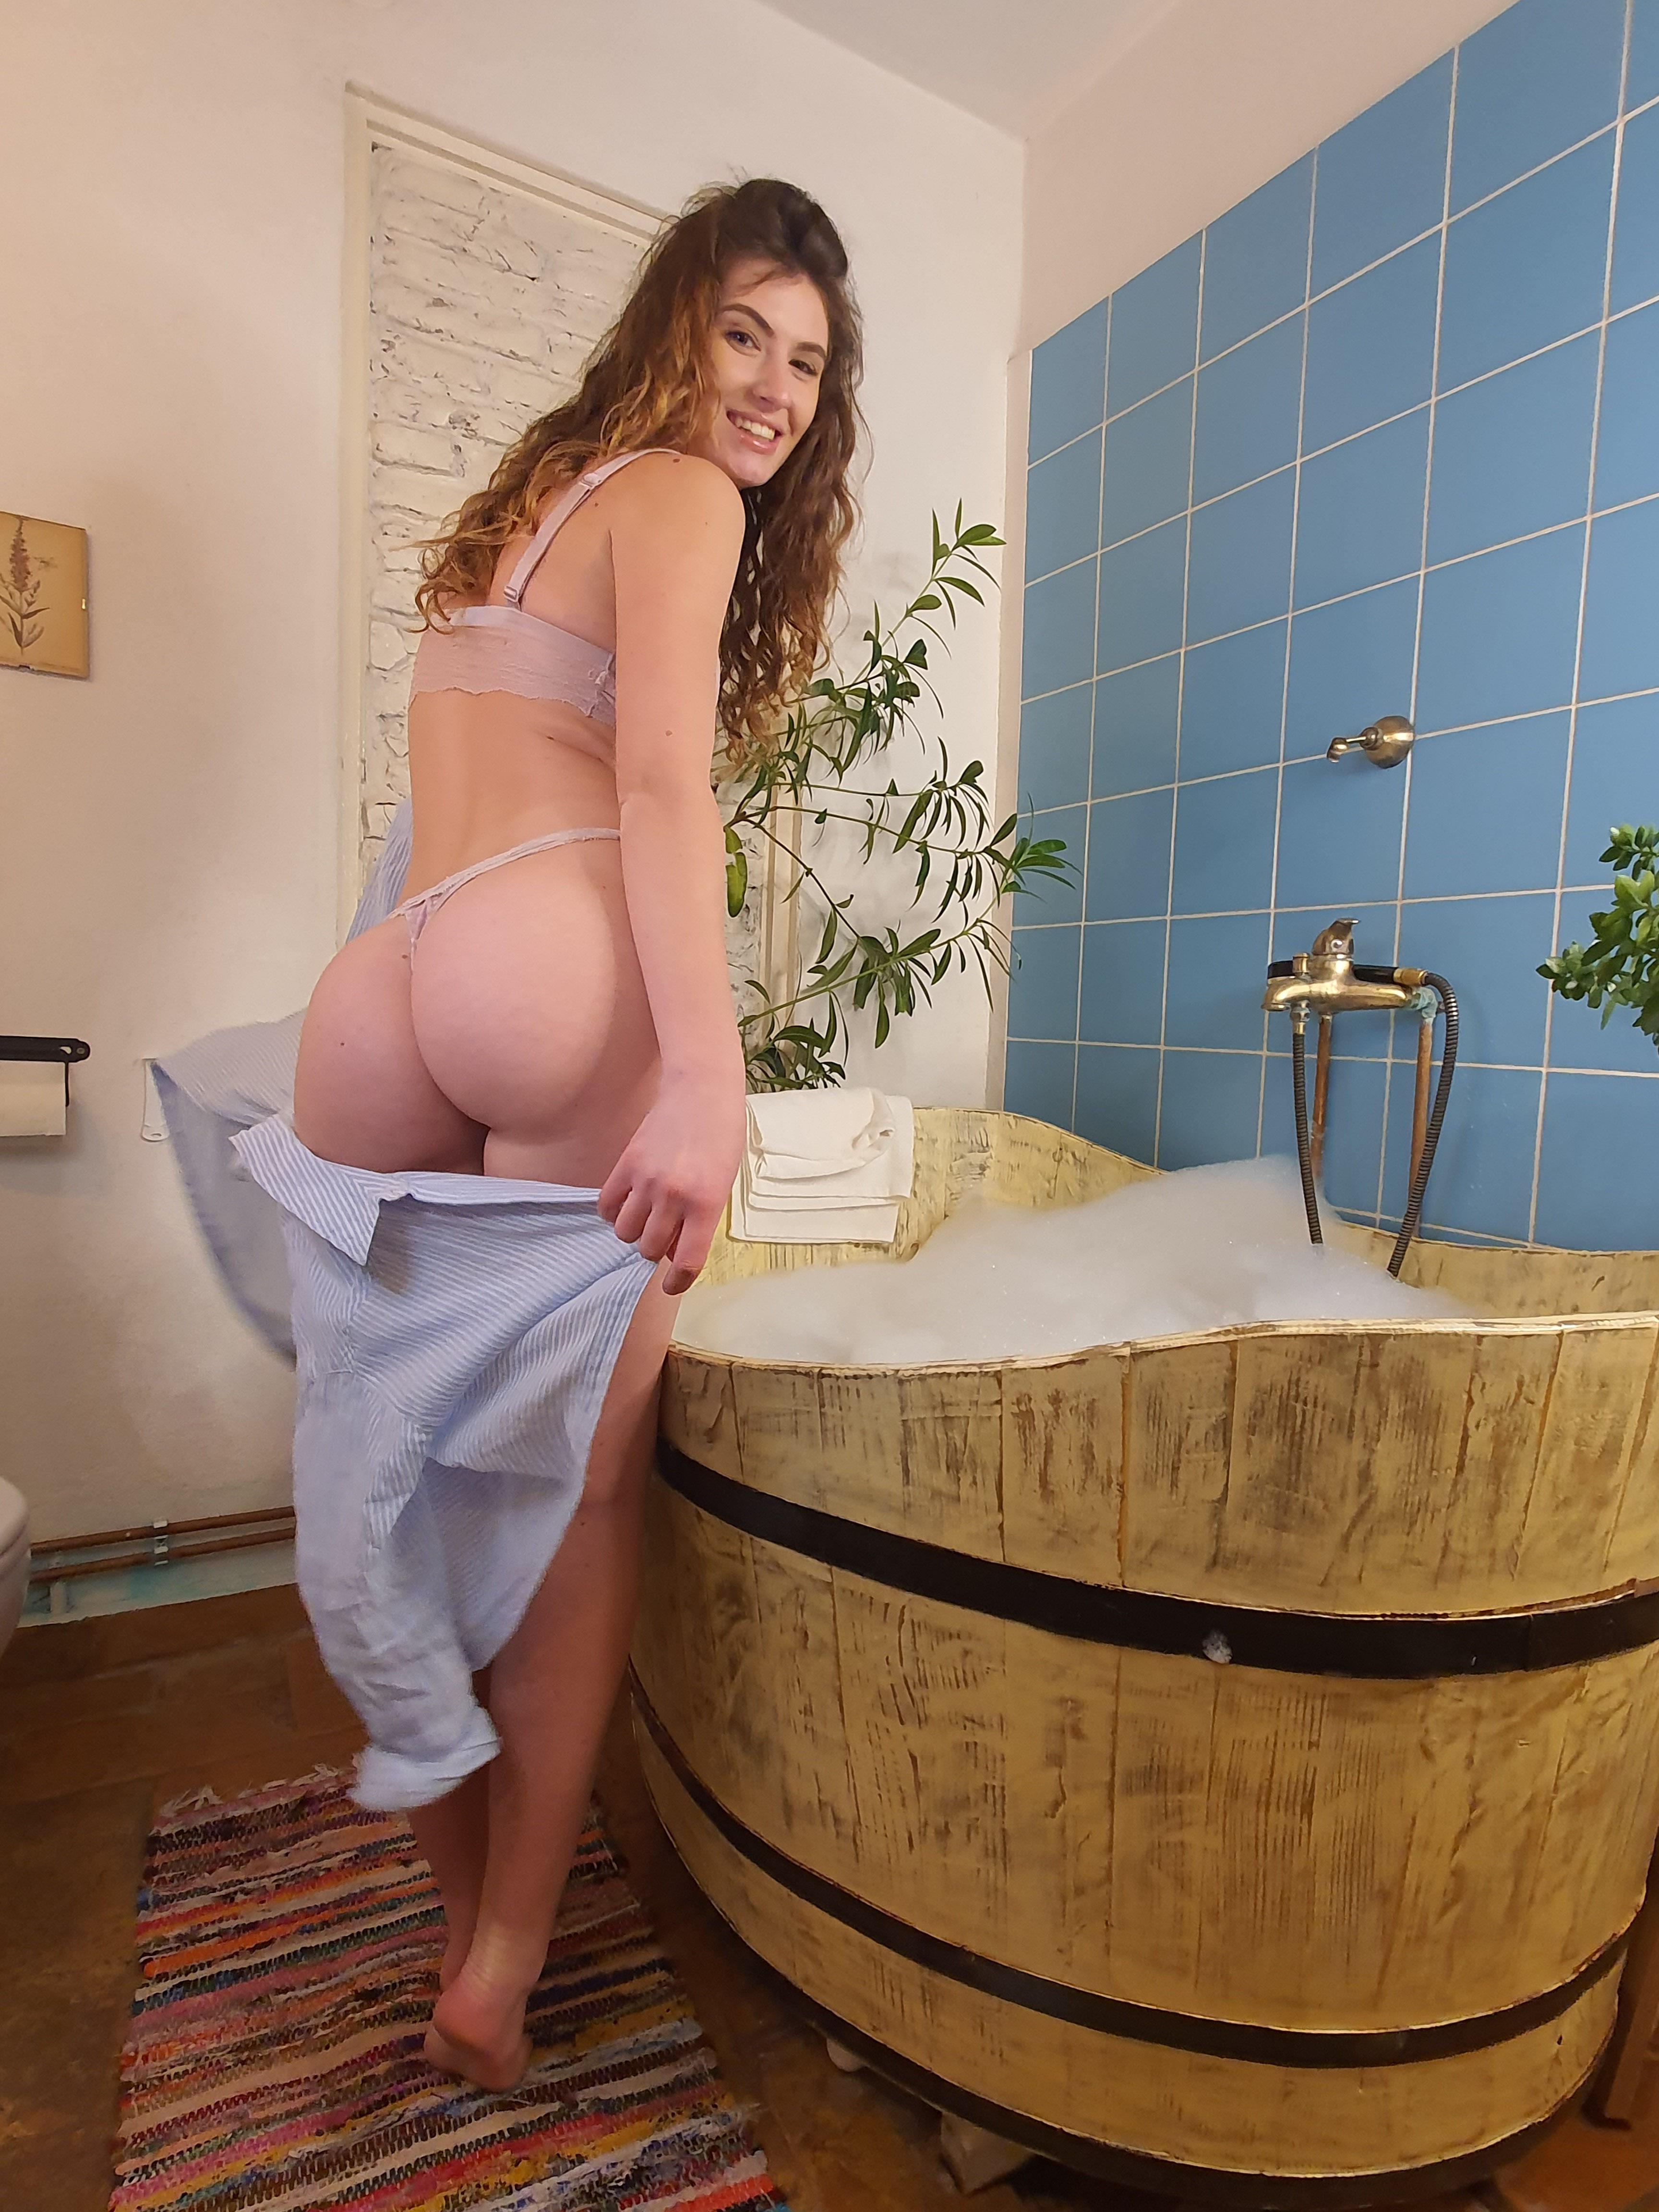 Koursaros Greek Porn Moro Toumpano Kolara (7)